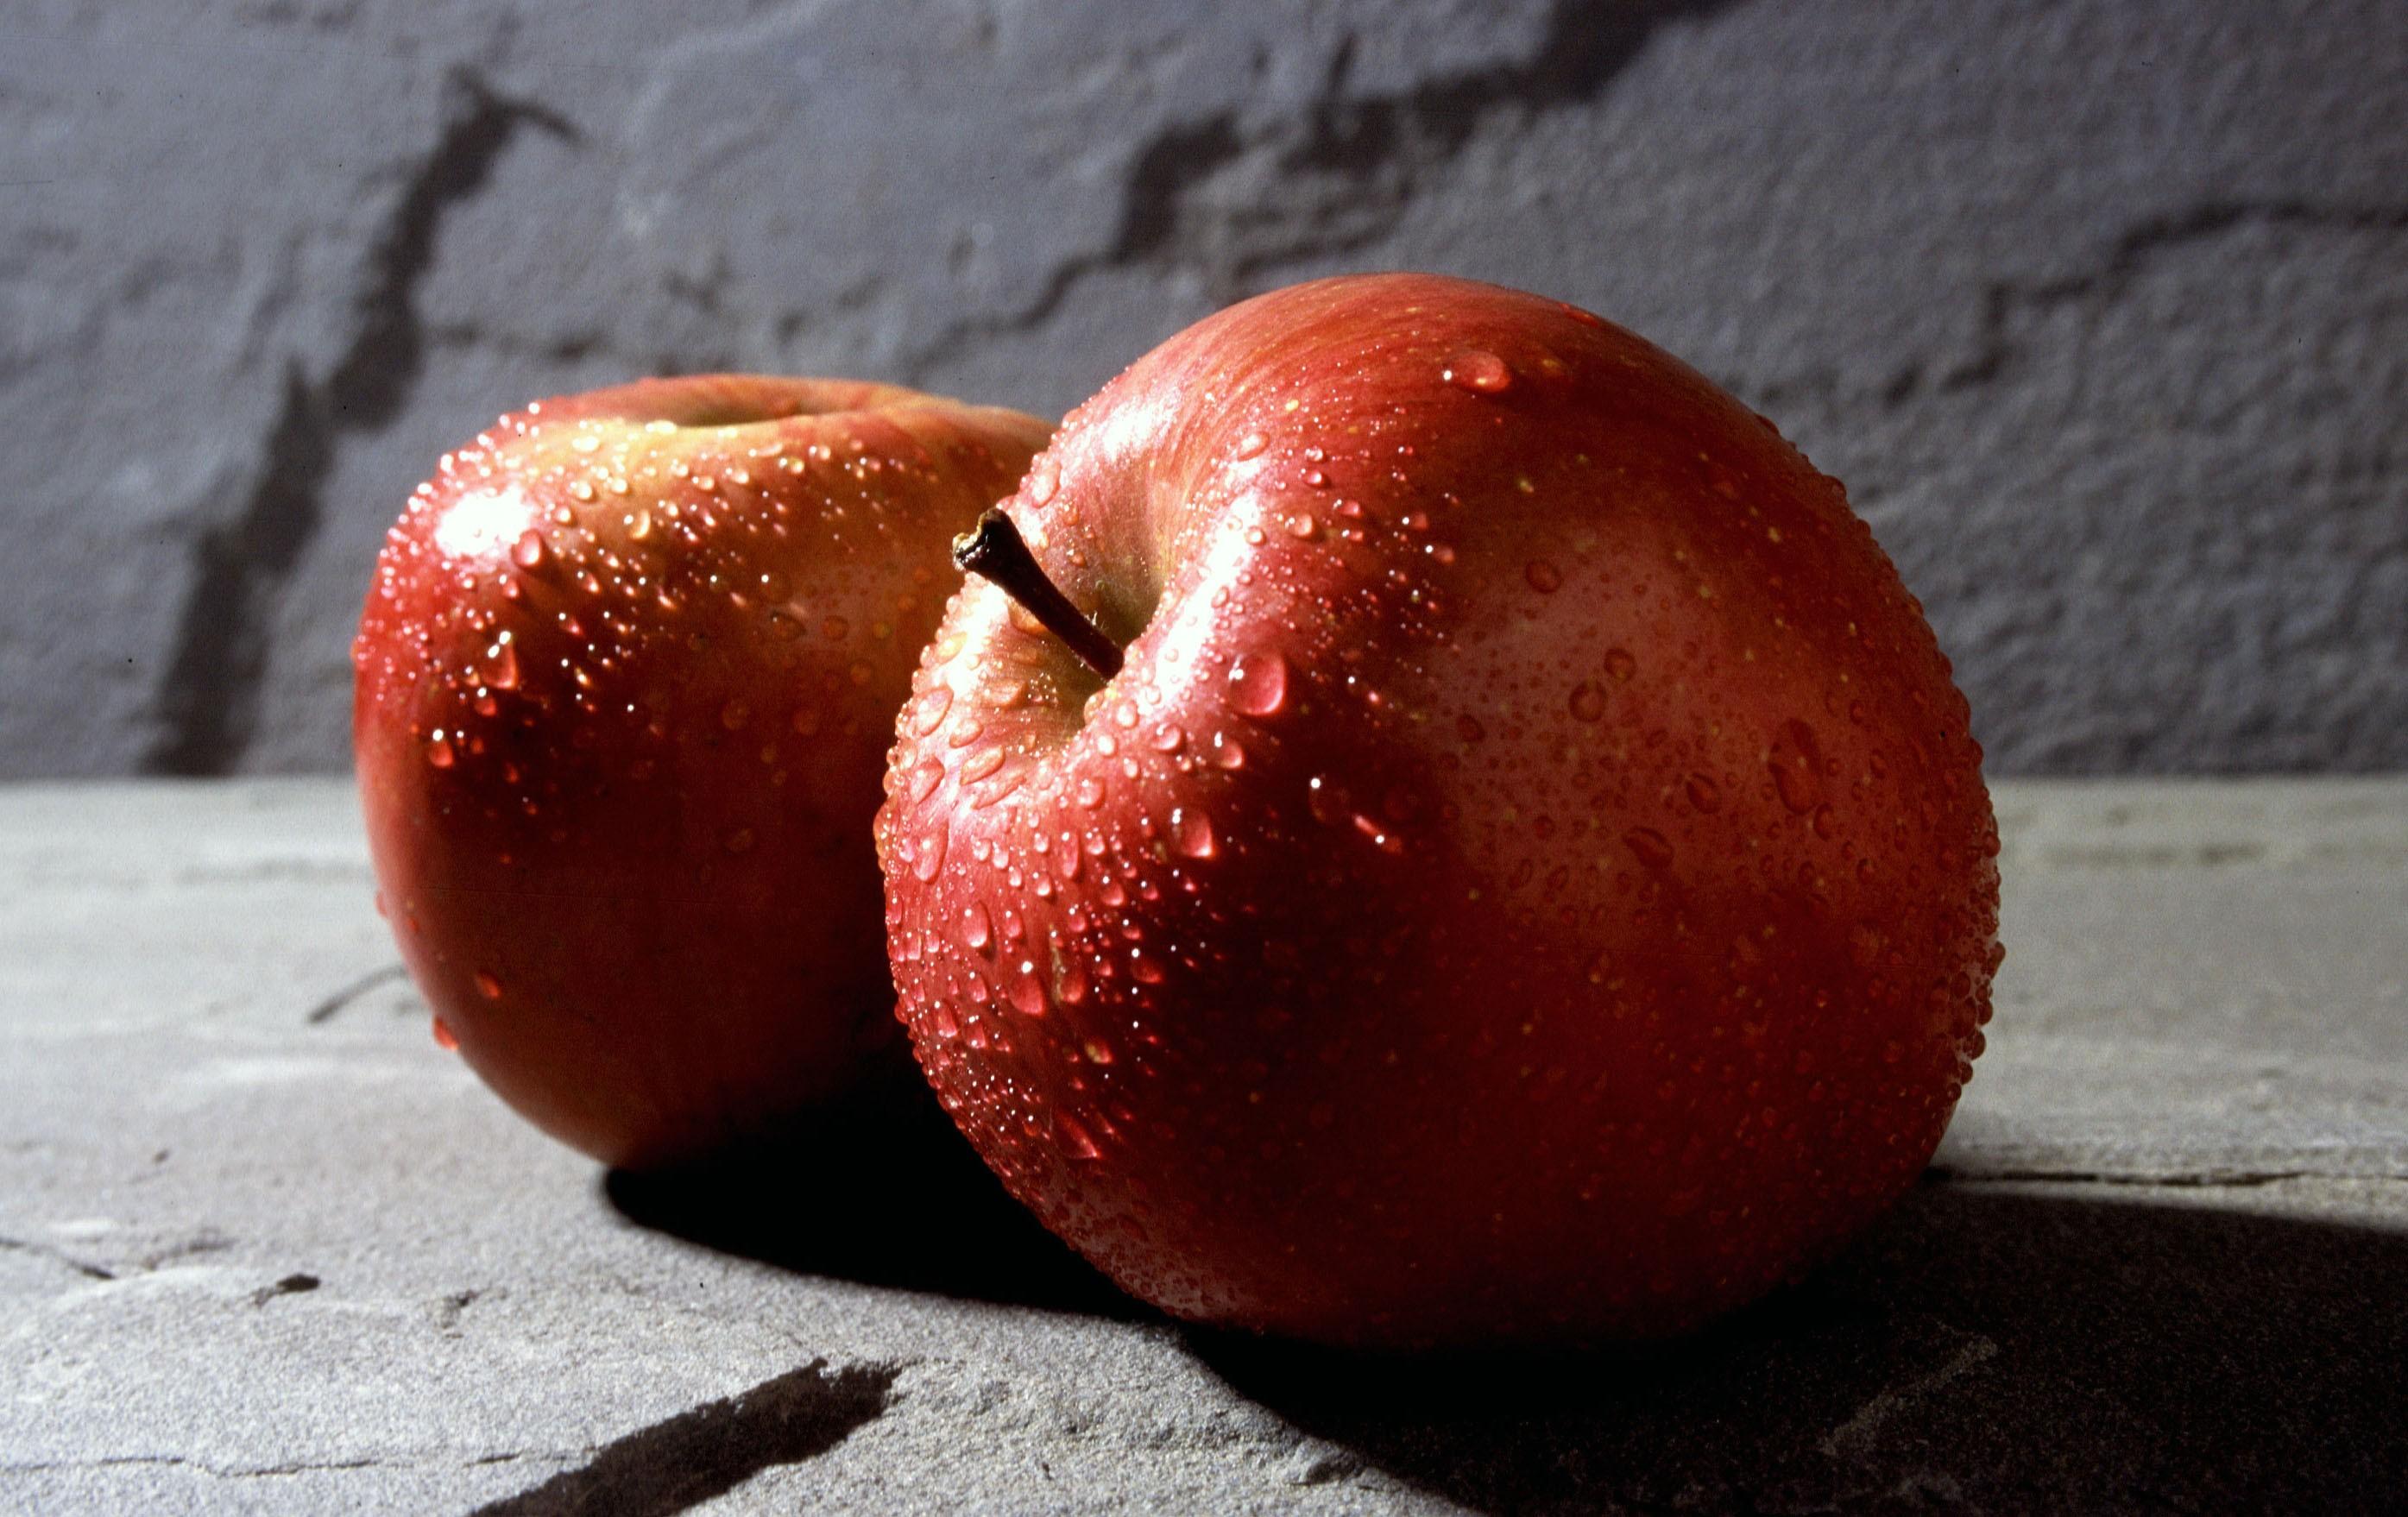 Яблоко от яблони часть 3 8 фотография